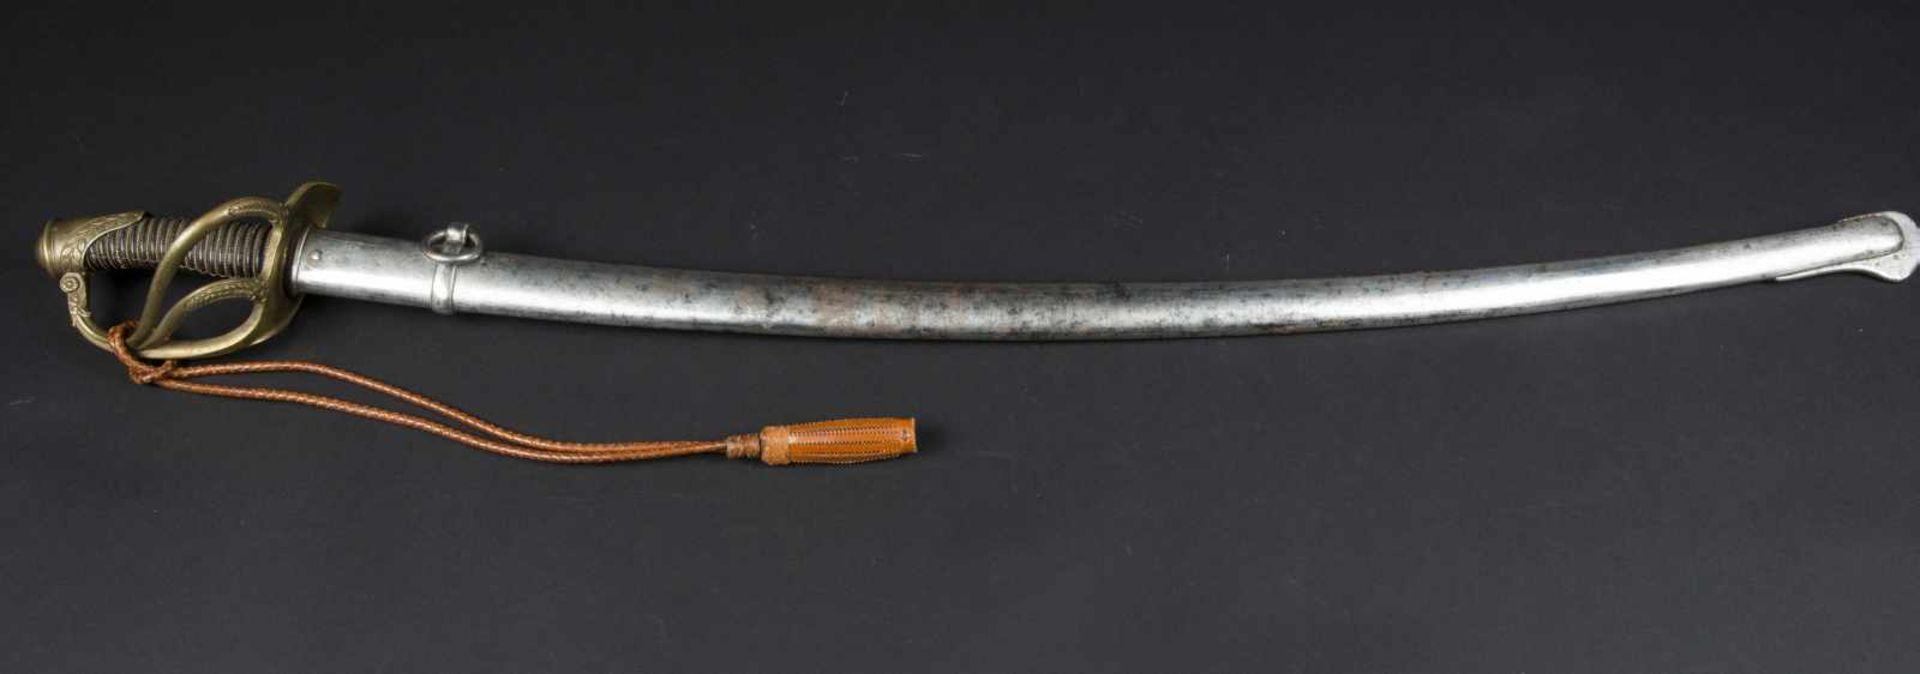 Lot de trois sabres officier de cavalerie légère 1822-1882 bon état, avec dragonne à cordon tressé - Bild 2 aus 4